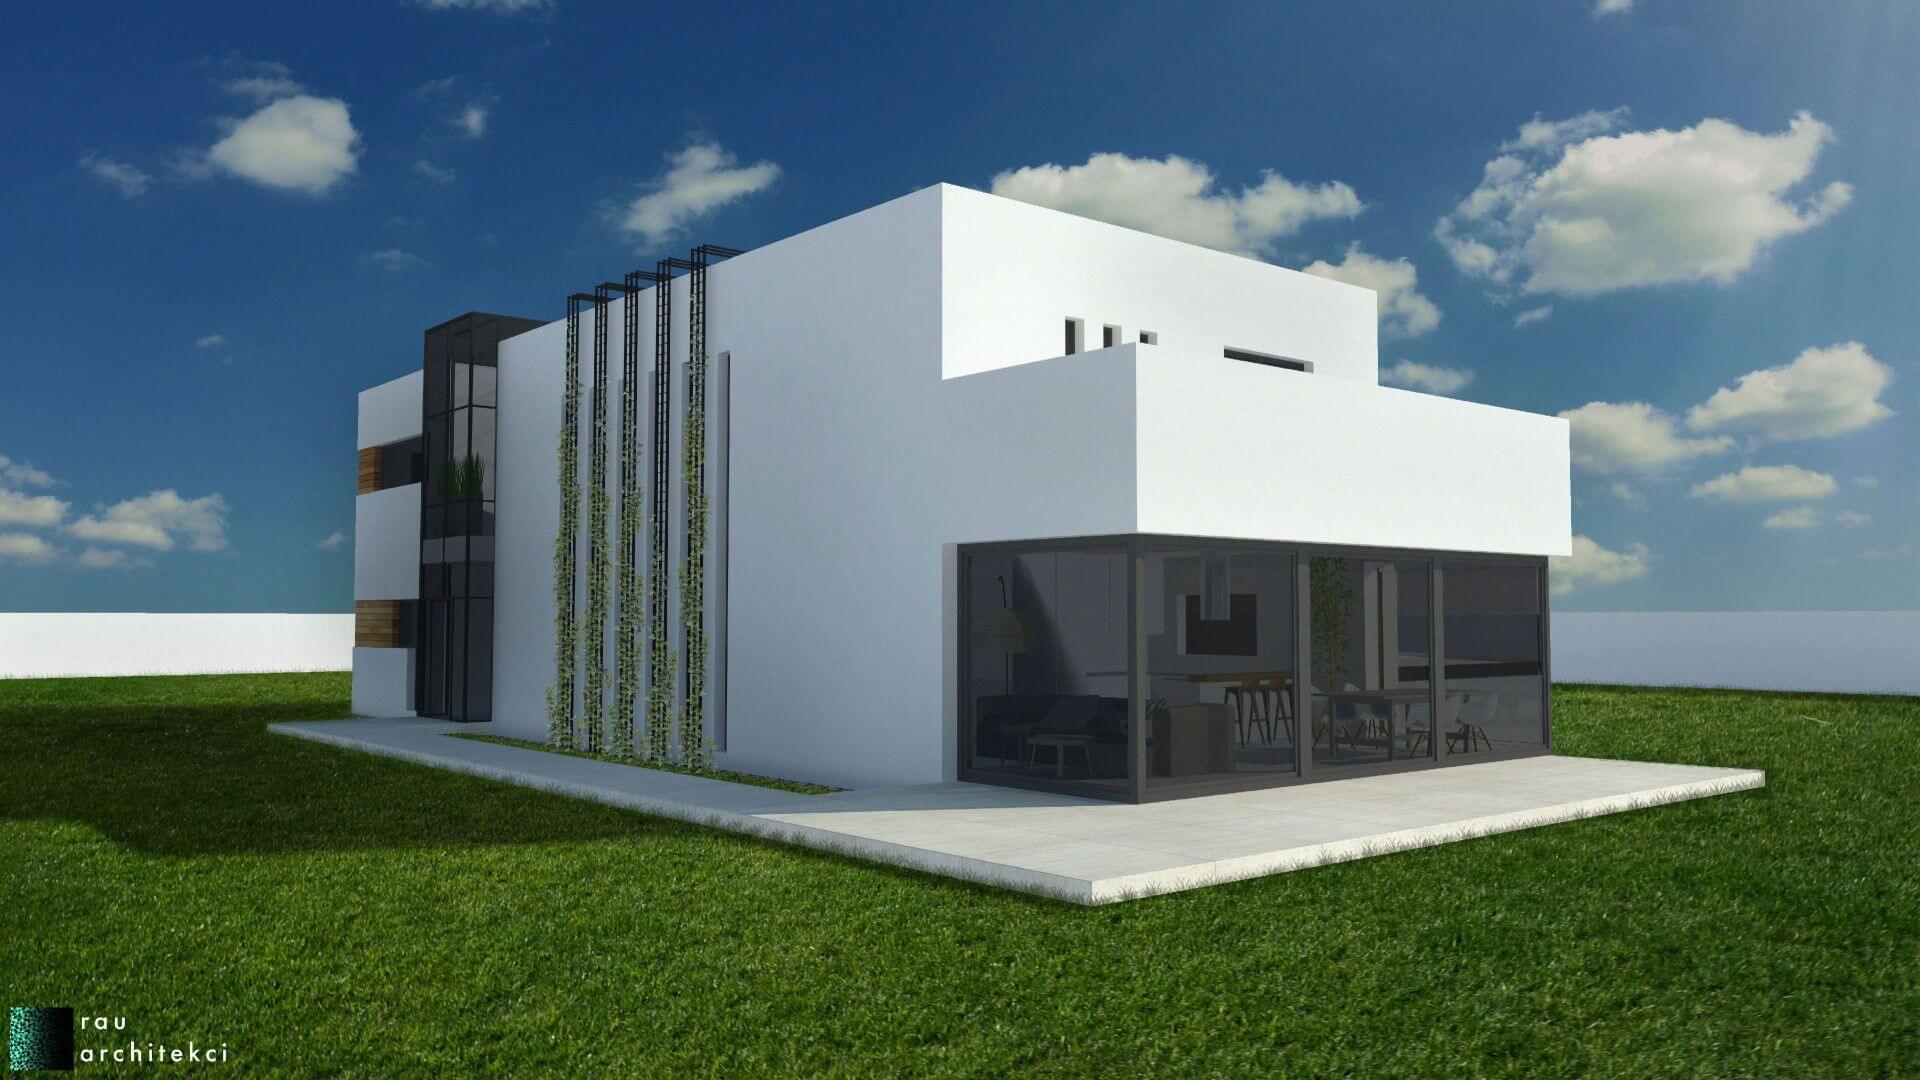 dom nowoczesny jednorodzinny rau architekci łódź 4